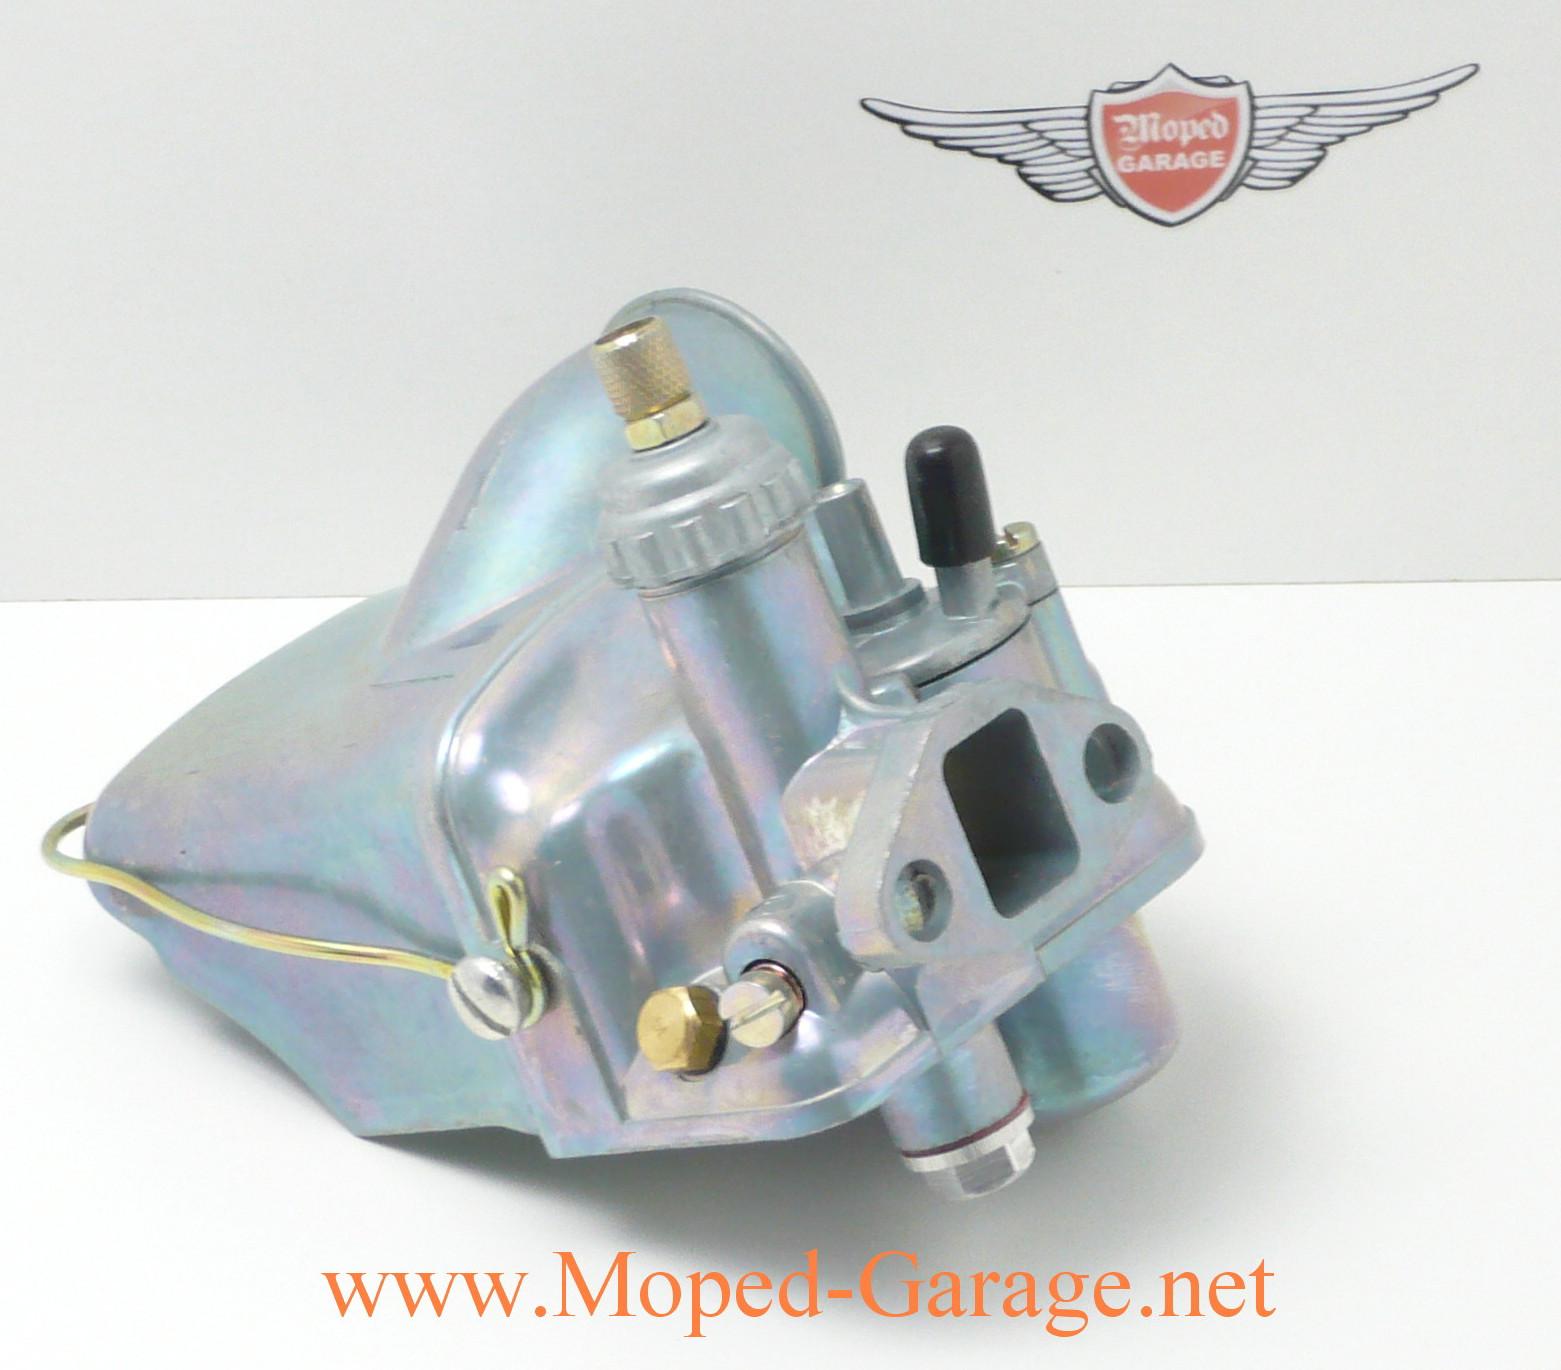 Moped Garage Net Hercules Sachs 50 2 3 4 Gang Tuning